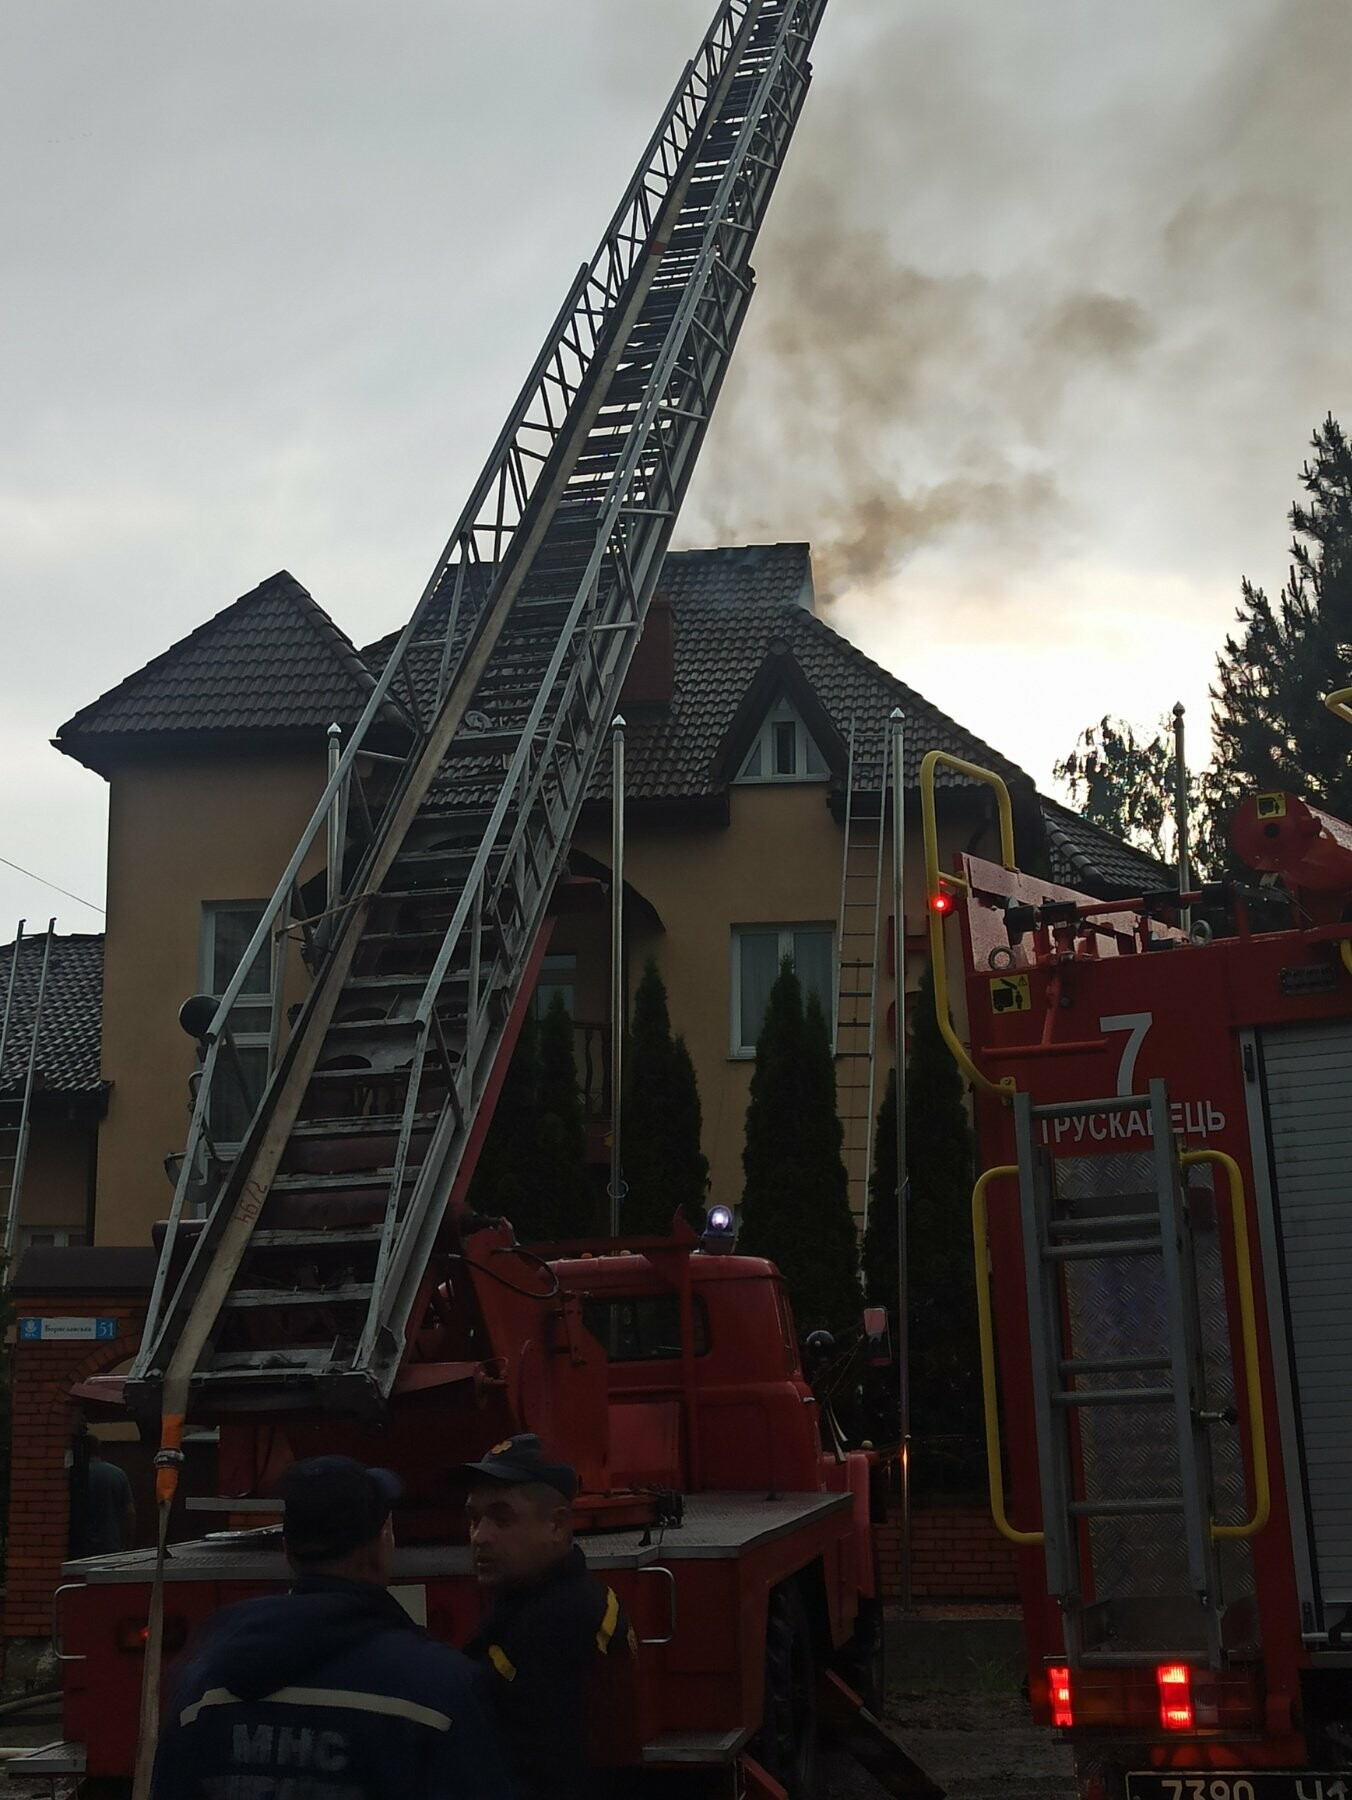 У Трускавці блискавка влучила в готель. На місці працюють пожежники (Відео, фото), фото-5, фото - 03247.com.ua